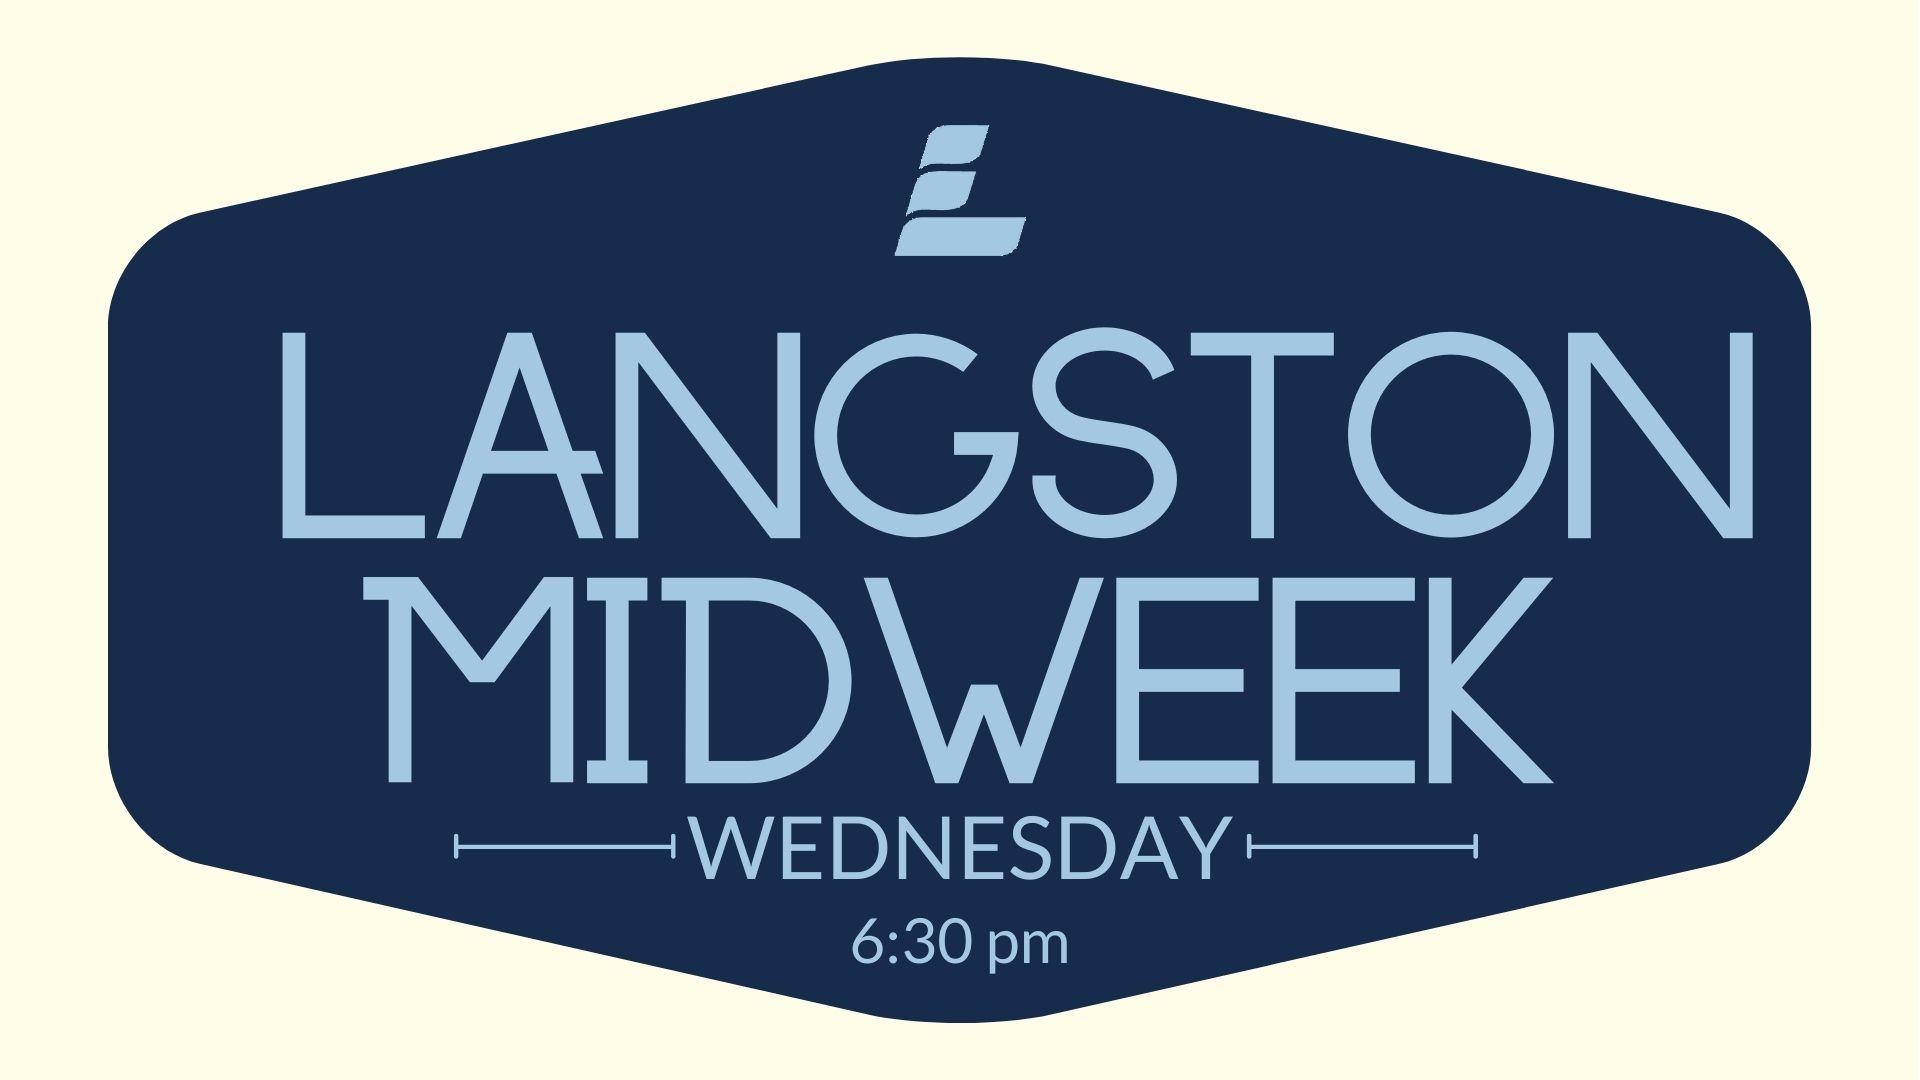 Langston Midweek